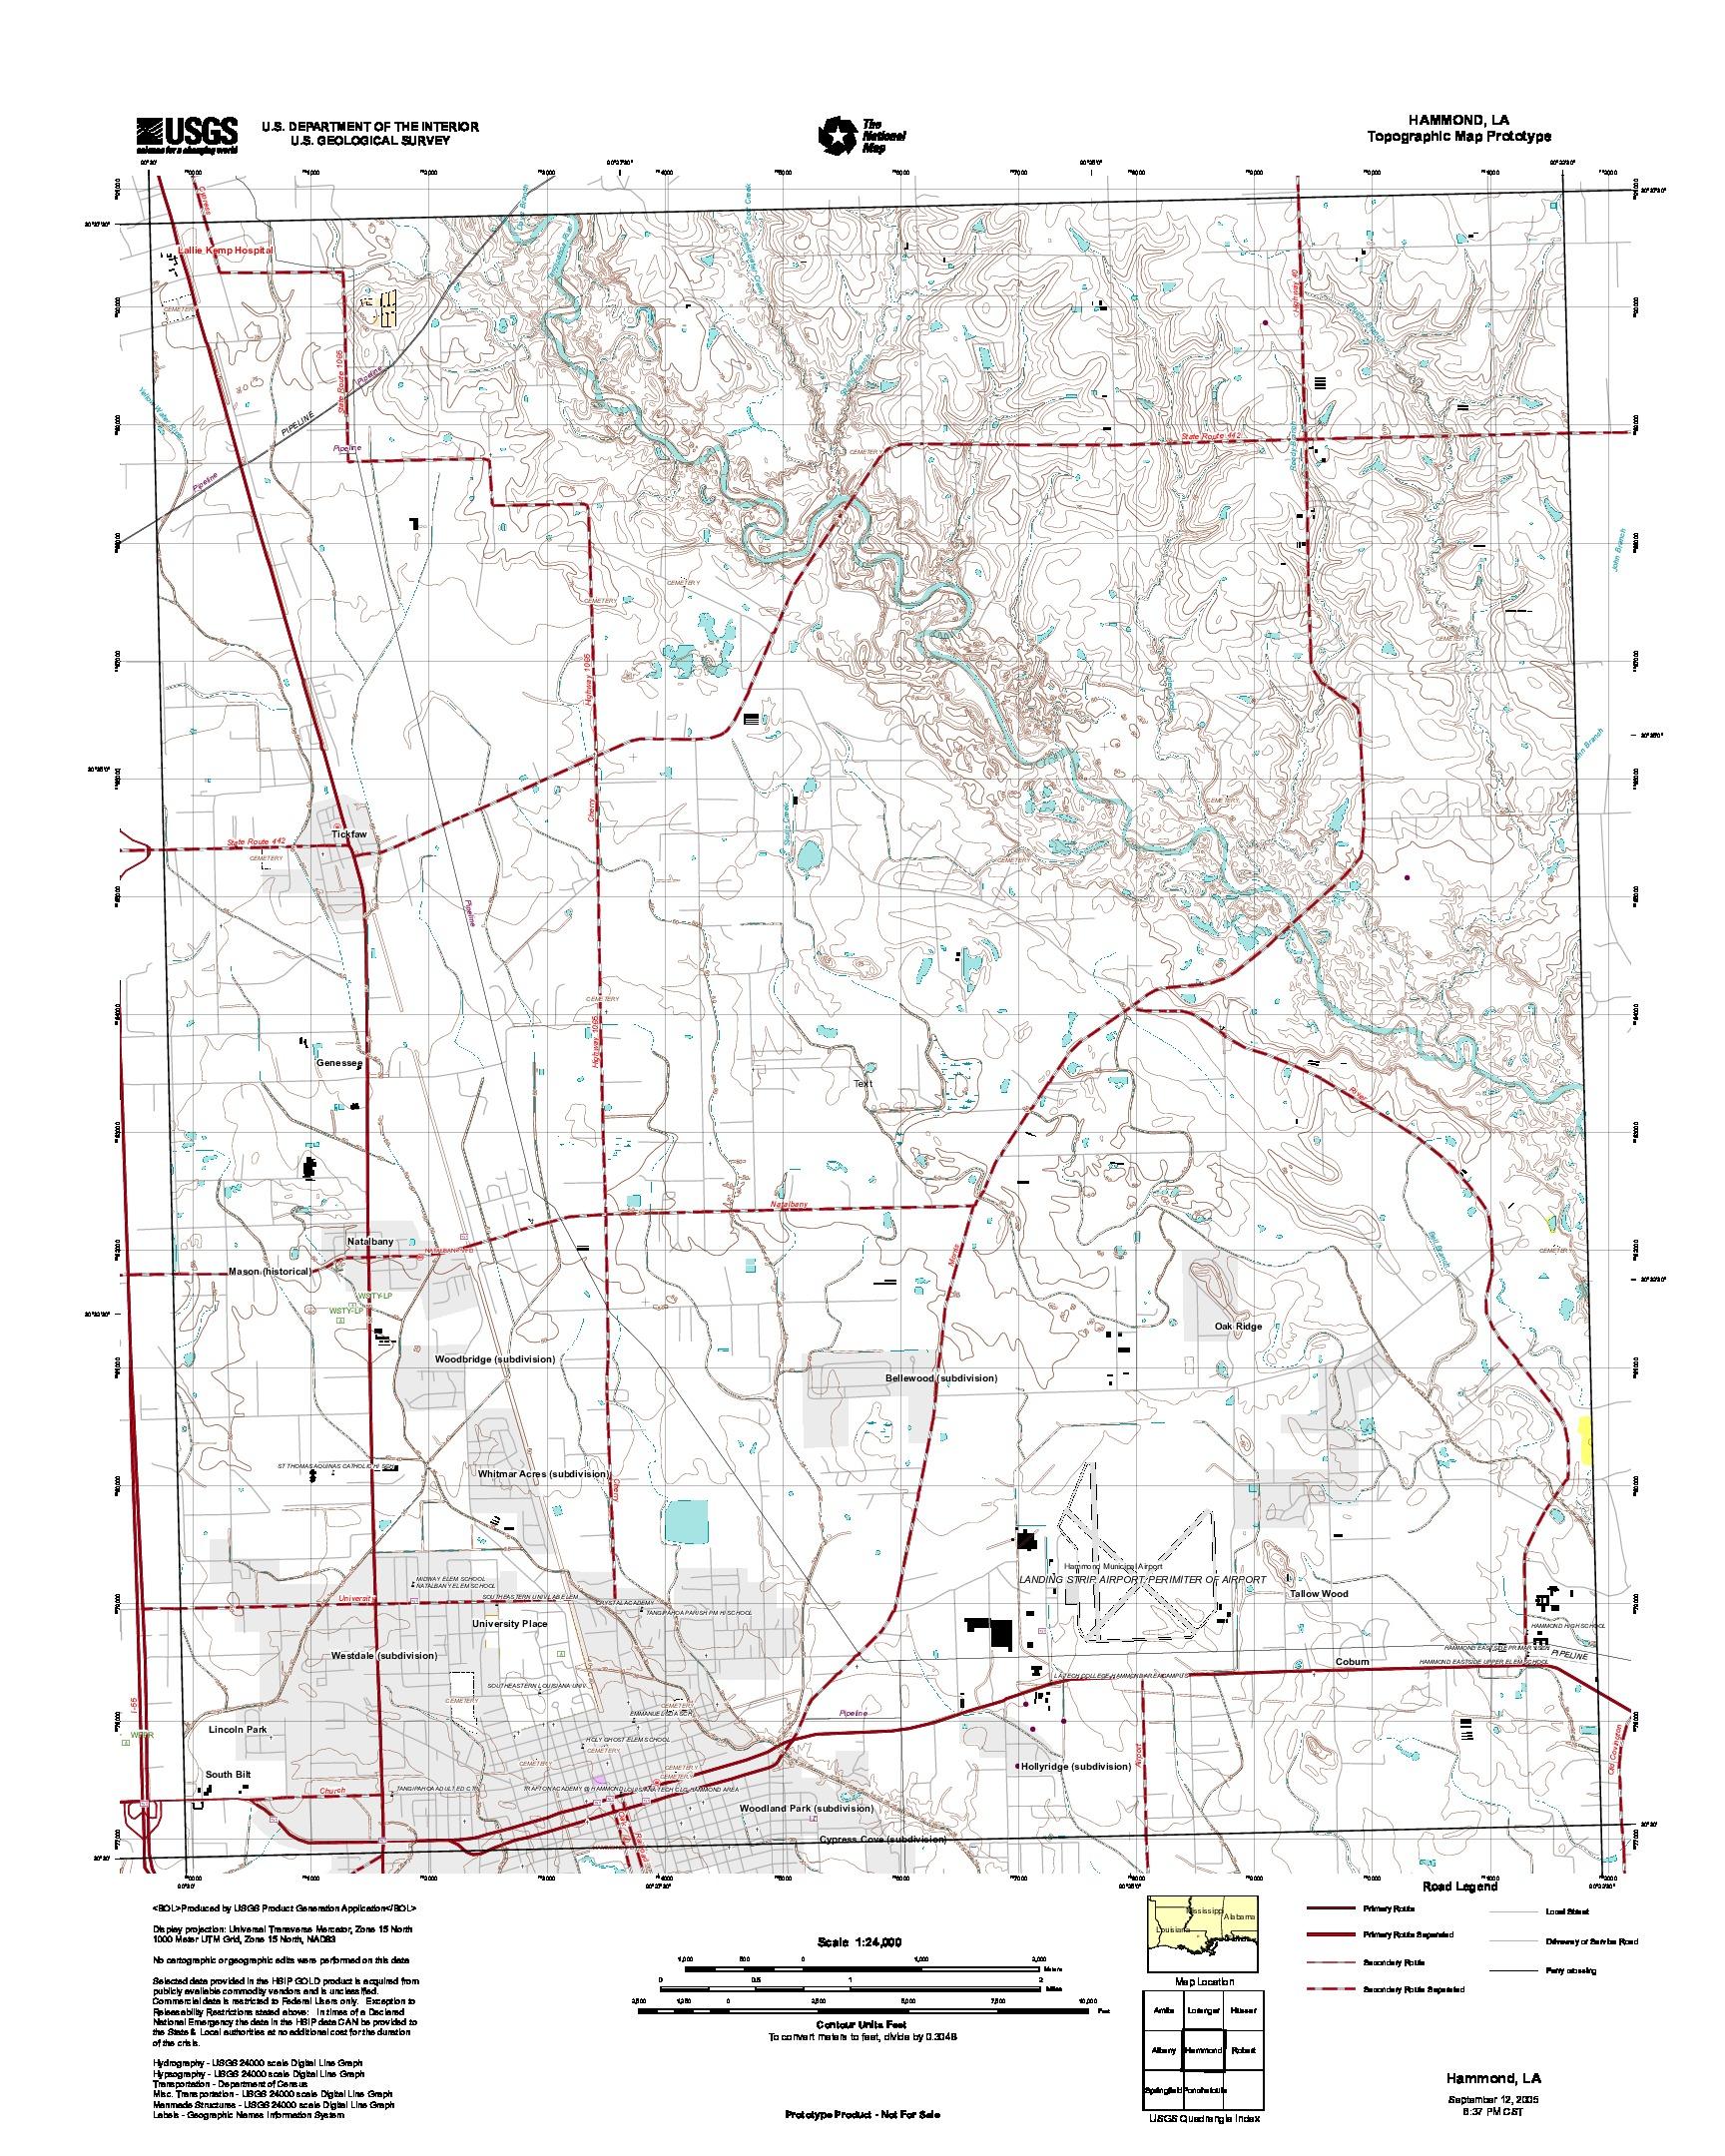 Prototipo de Mapa Topográfico de Hammond, Luisiana, Estados Unidos, Septiembre 12, 2005